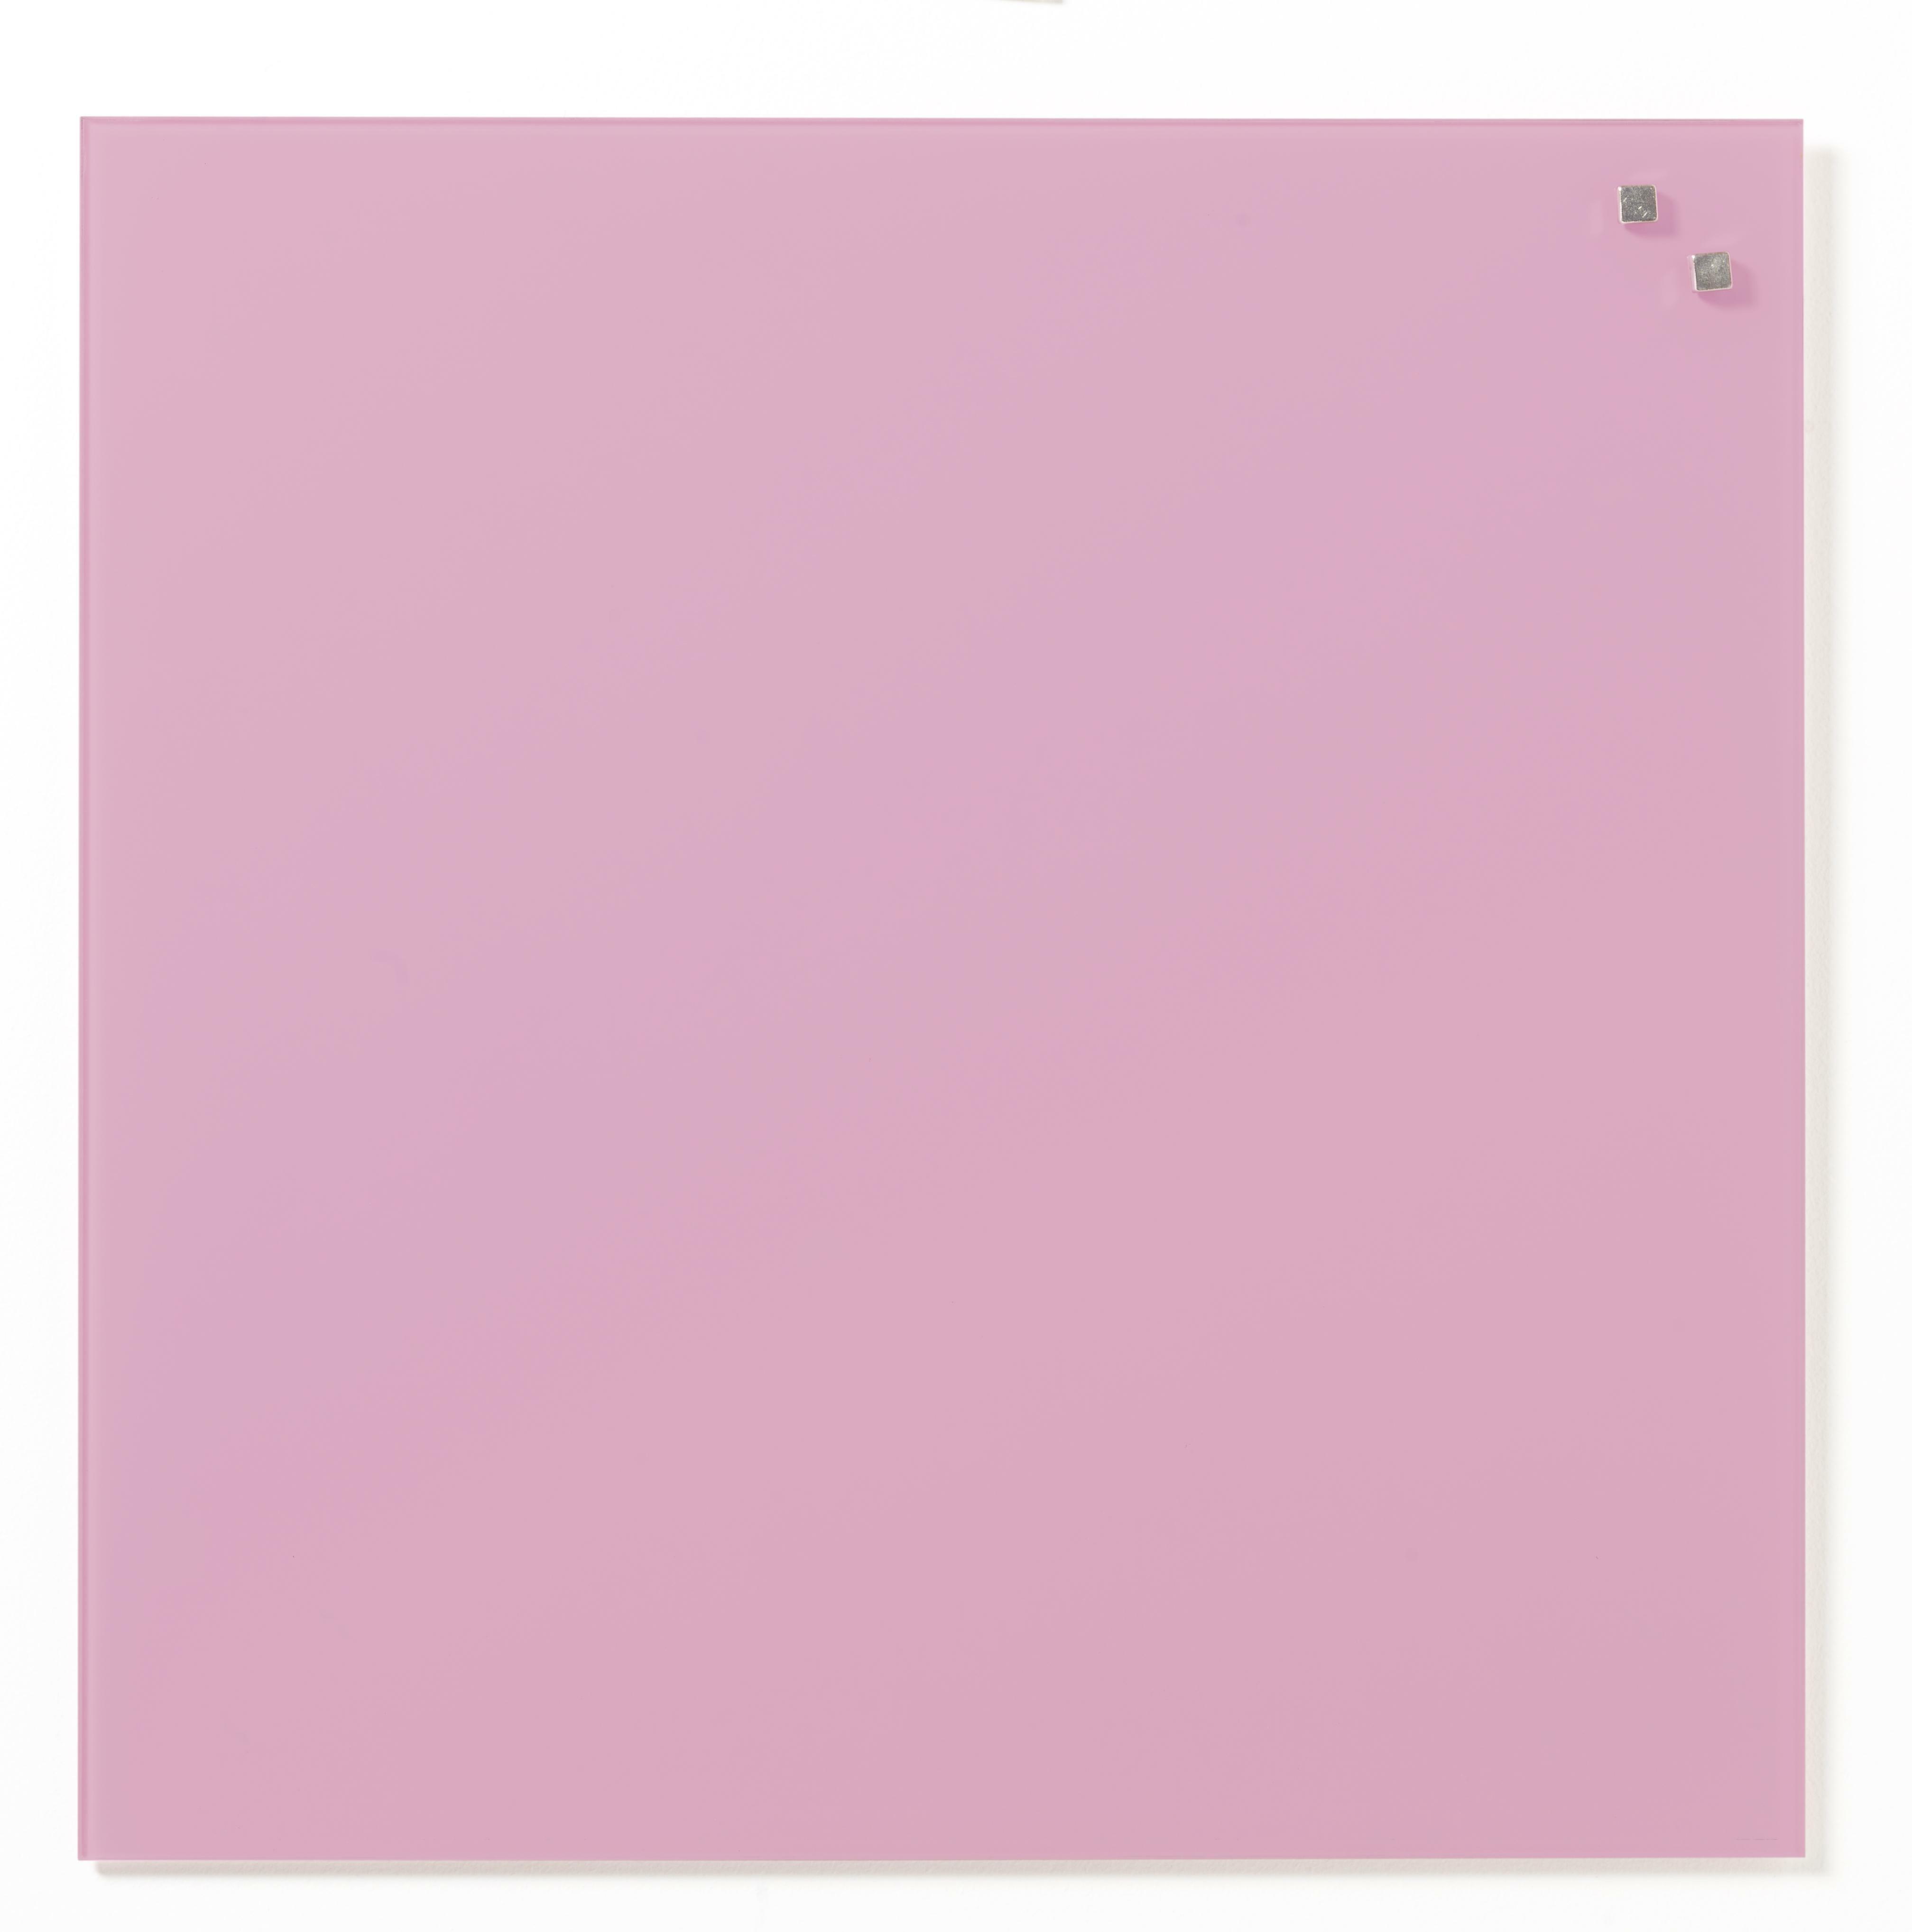 Tabule magnetické skleněné - 45 x 45 cm / sv. růžová